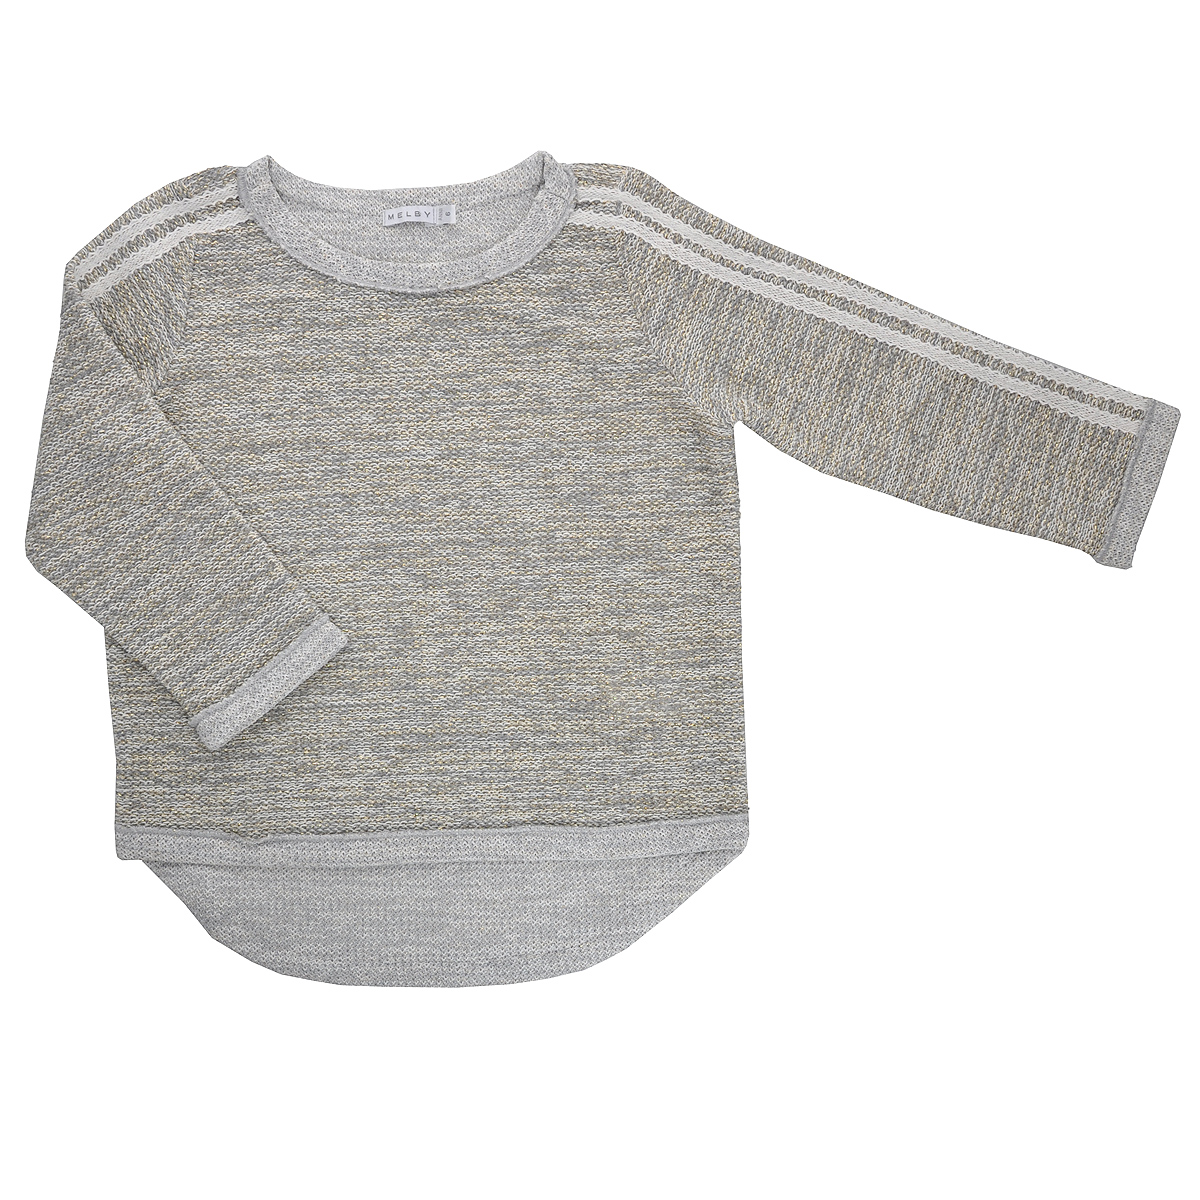 Джемпер для девочки Melby, цвет: серый. 12011944. Размер 122, 7 лет